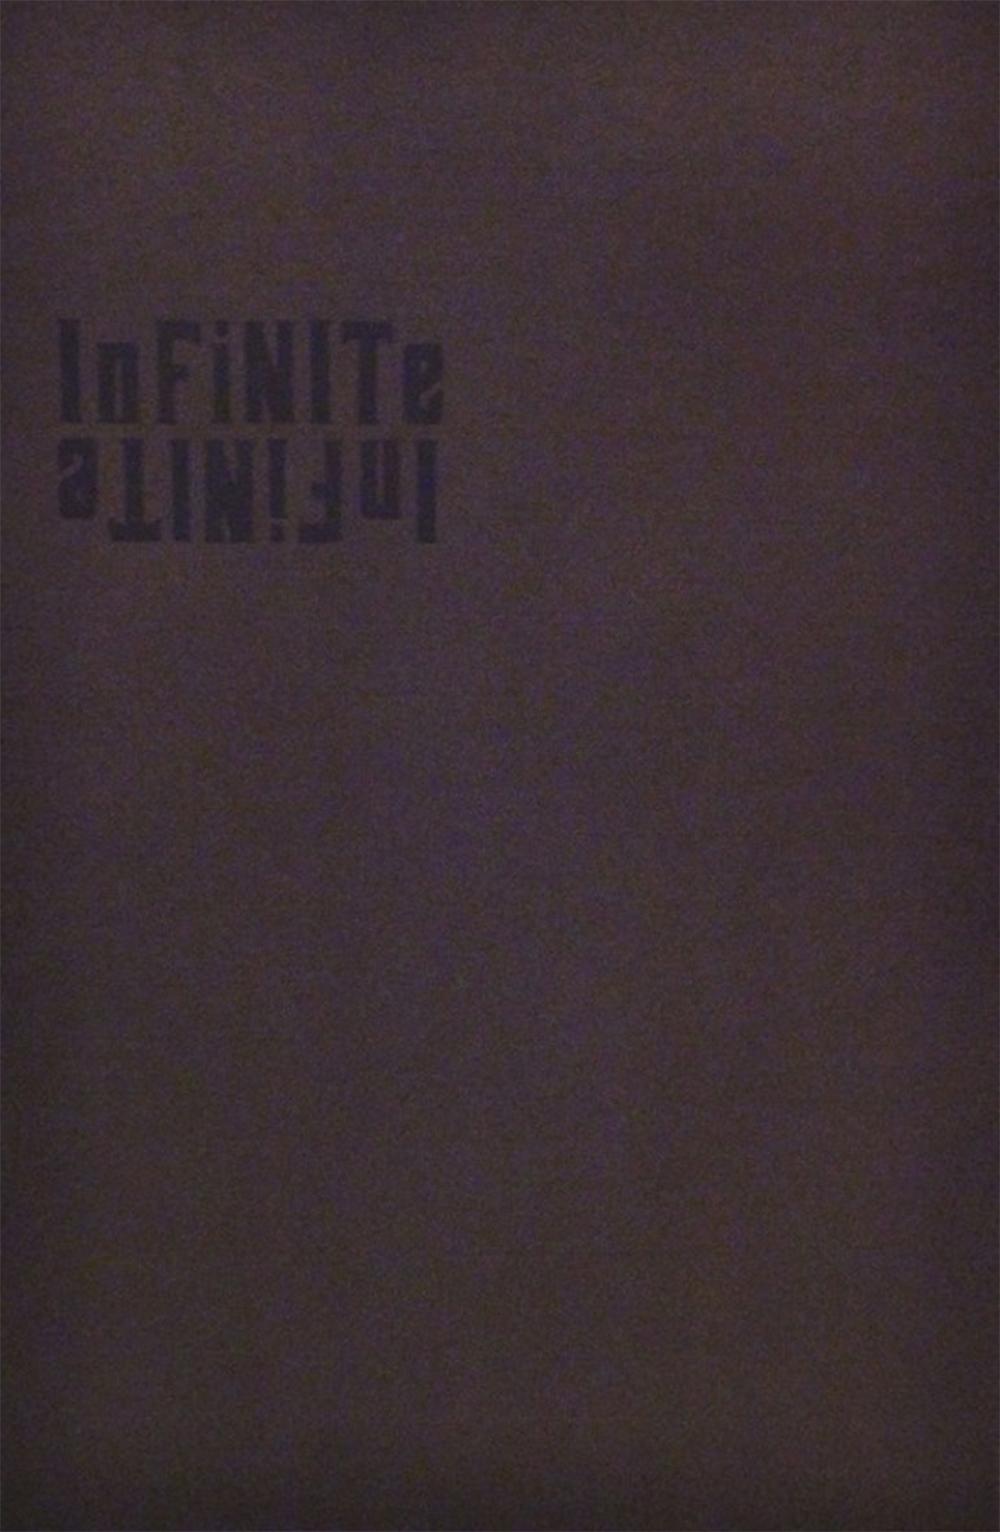 infinite_etinifni.jpg